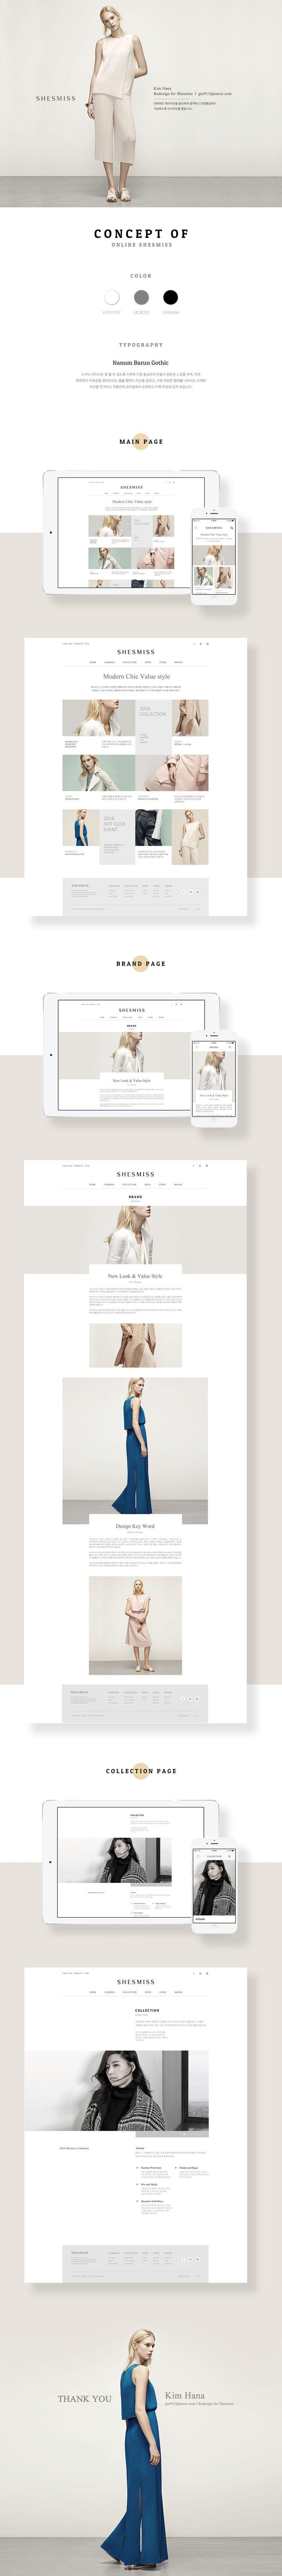 SHESMISS Redesign - Design by Kim-hana - www.uksweb.com on Behance